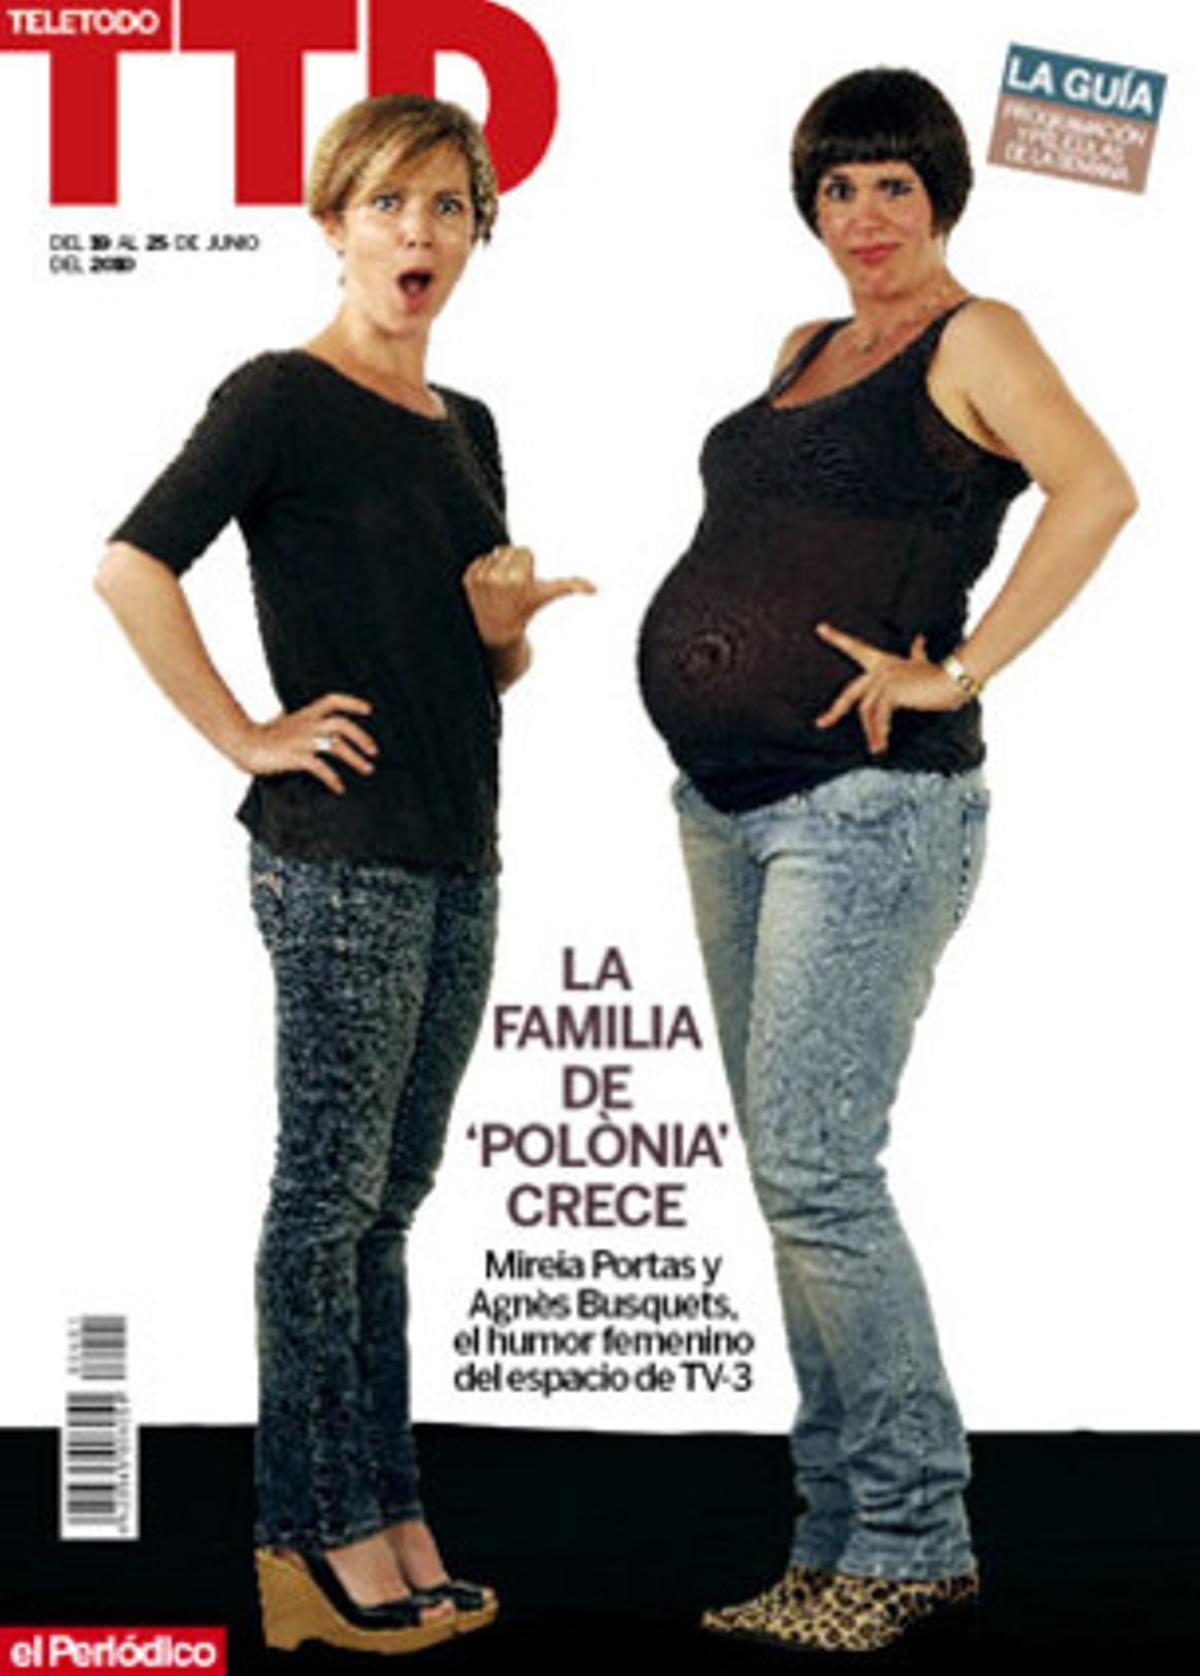 Agnès Busquets y Mireia Portas, en la portada del 'Teletodo'.